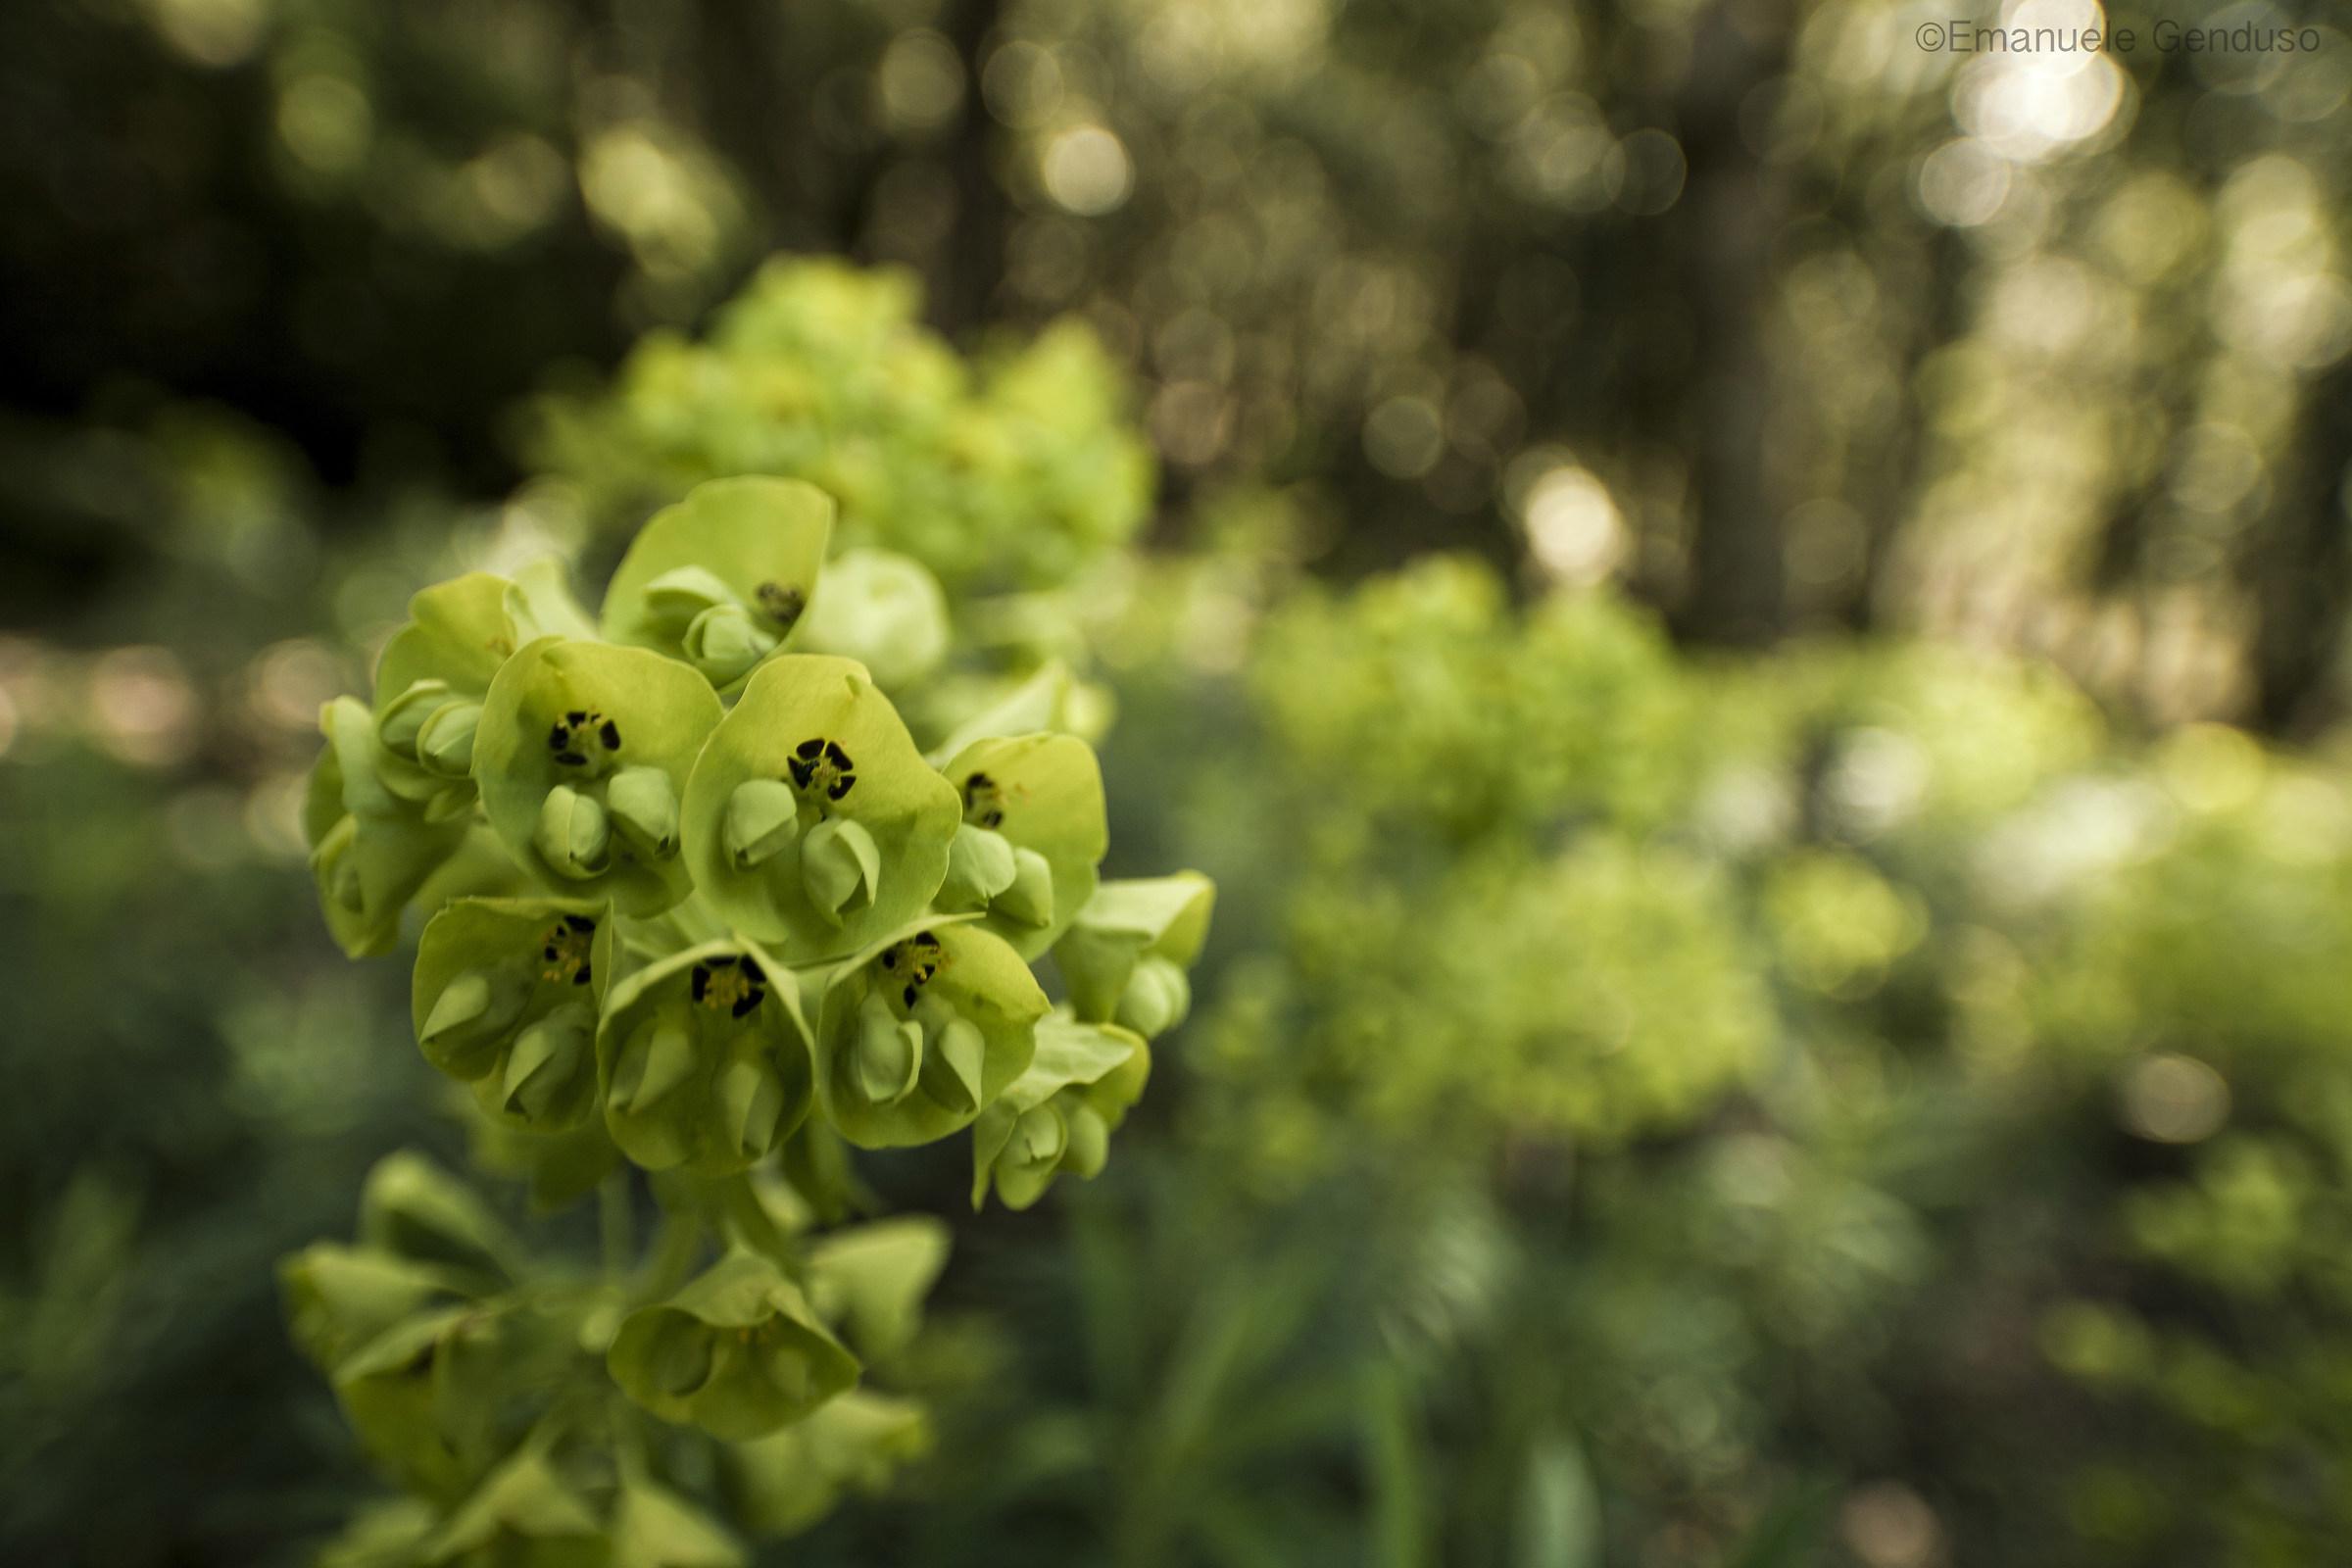 Euphorbia in the undergrowth...